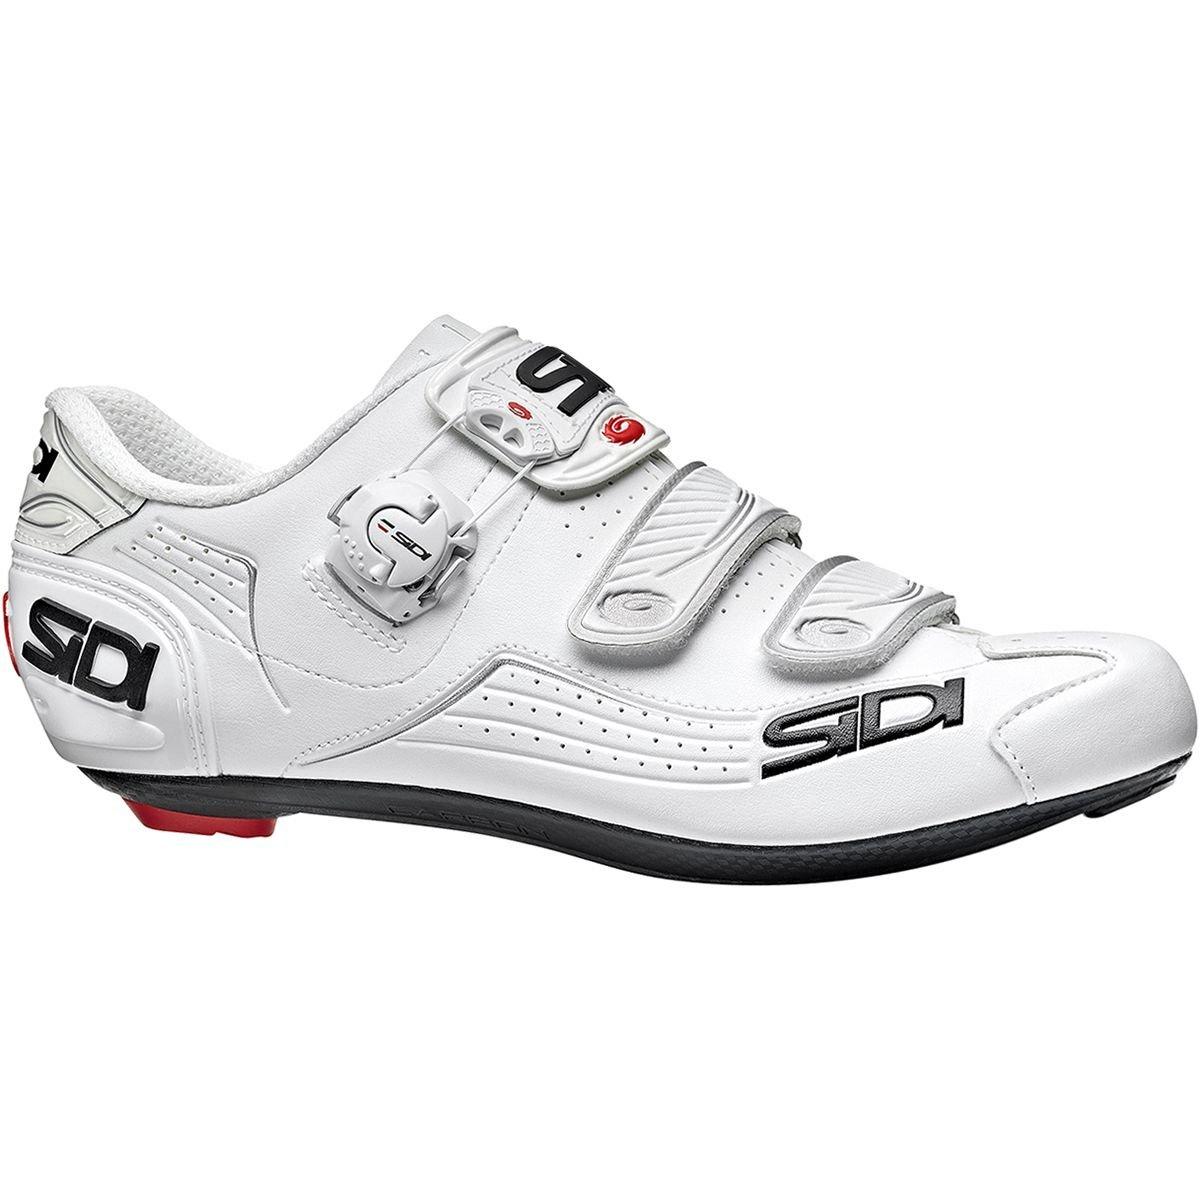 Sidi Carretera Alba Hombres EU 46|Blanco Venta de calzado deportivo de moda en línea